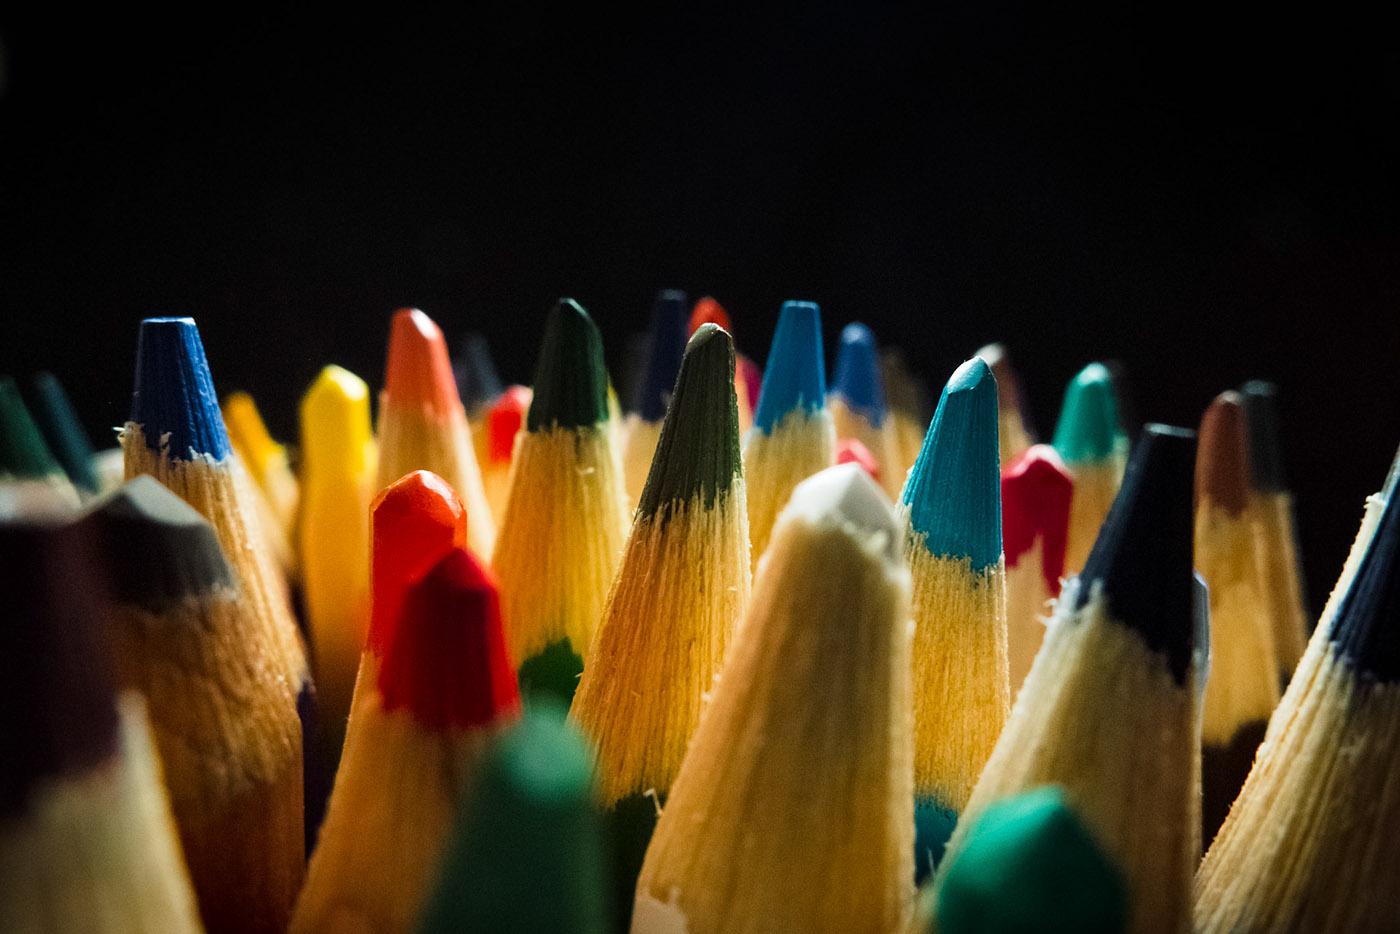 Цветные карандаши / фото Oswaldo Vito Scarlino